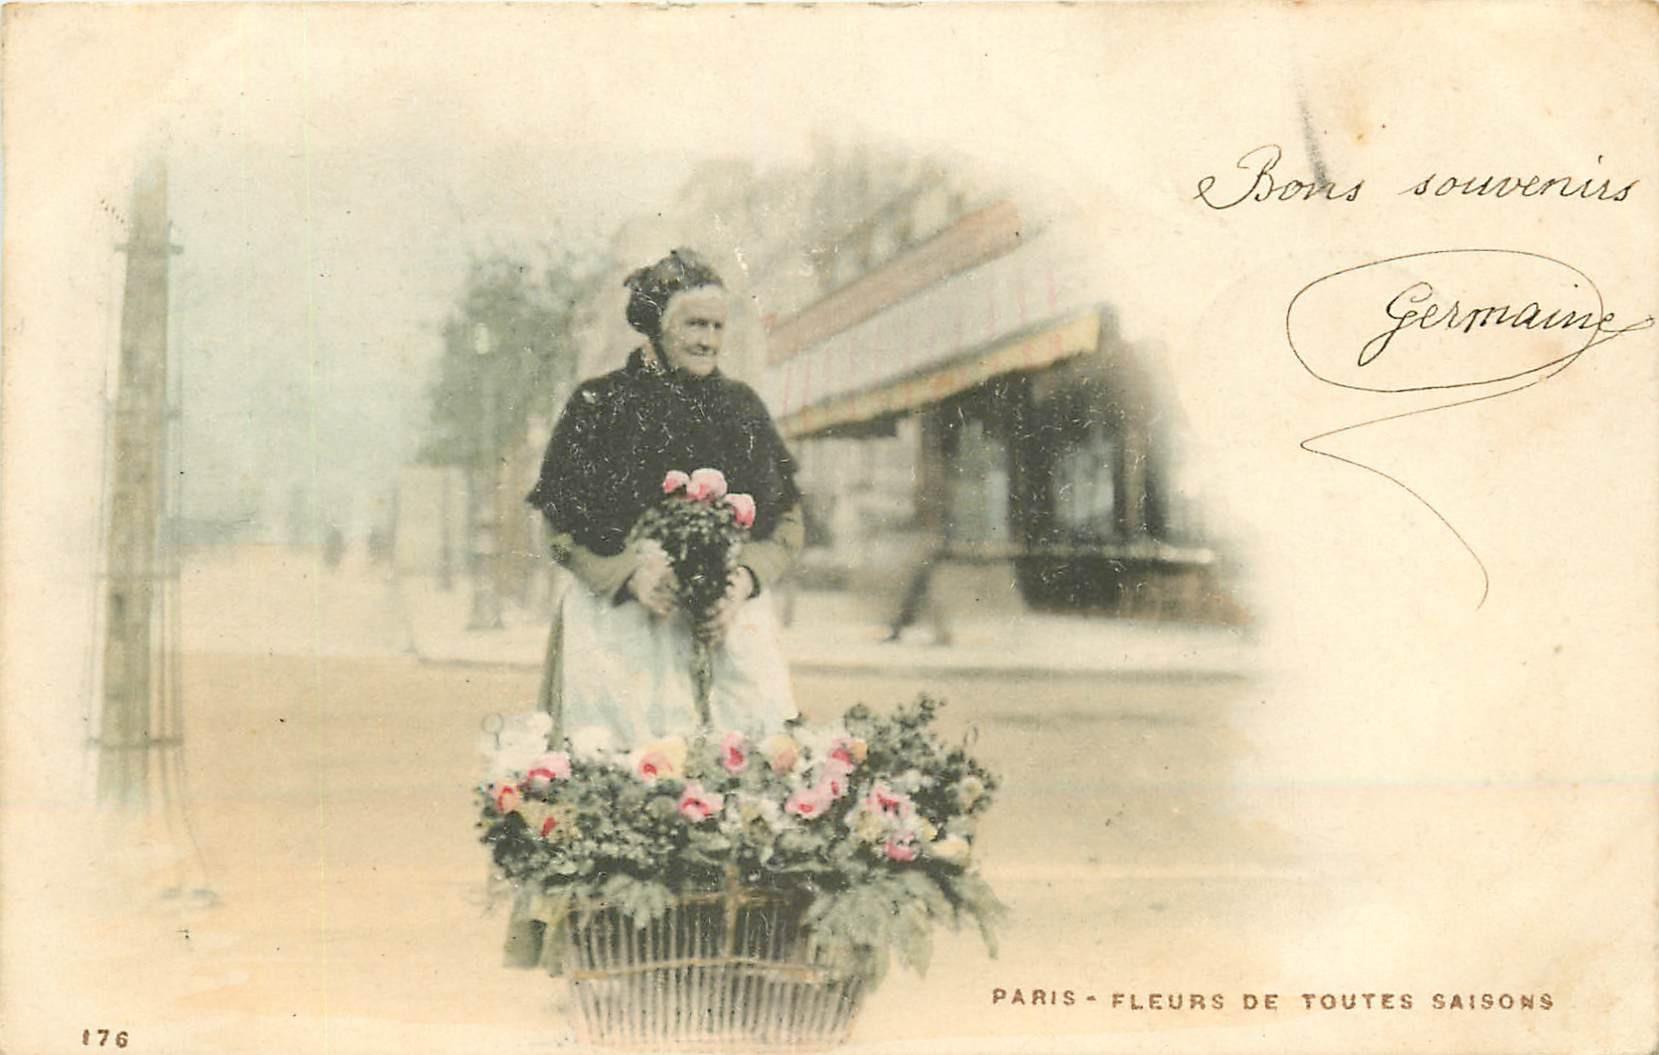 WW PARIS Vieux métiers. La Marchande de Fleurs de toutes Saisons 1902